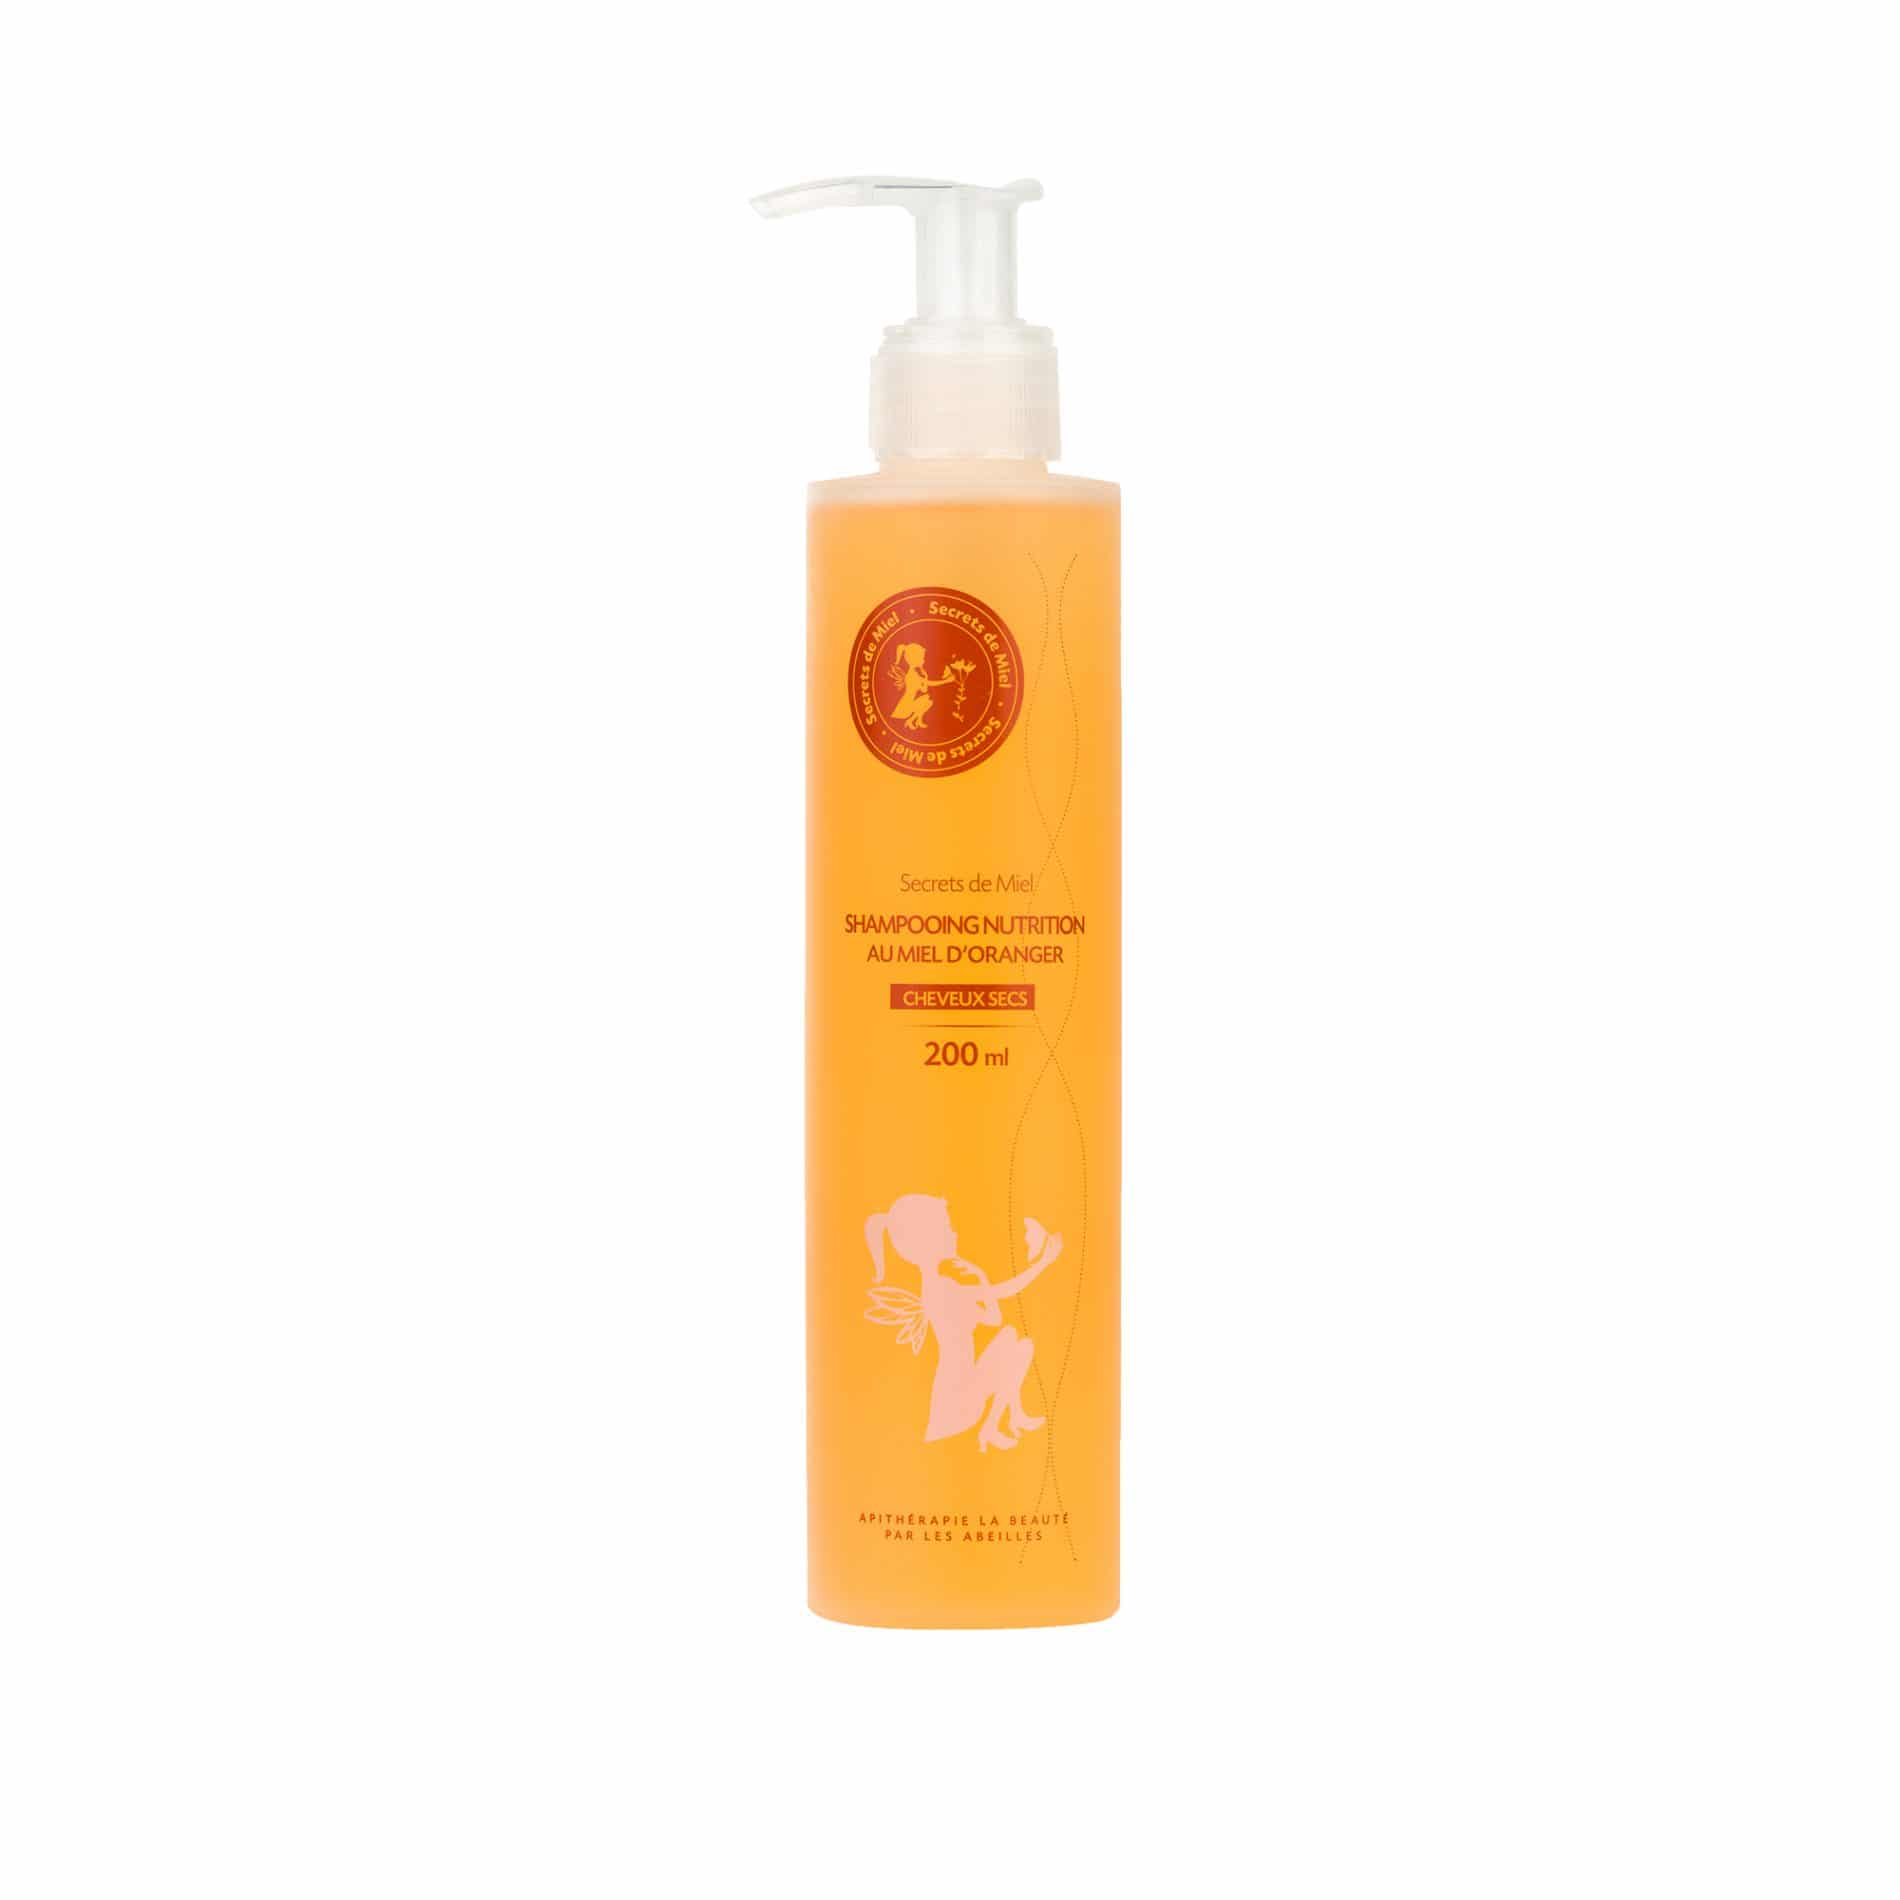 Shampooing Nutrition - Miel d'Oranger - Miel - Ruche - Abeille - Nourrit les cheveux - Produit naturel - Cheveux - Secrets de Miel